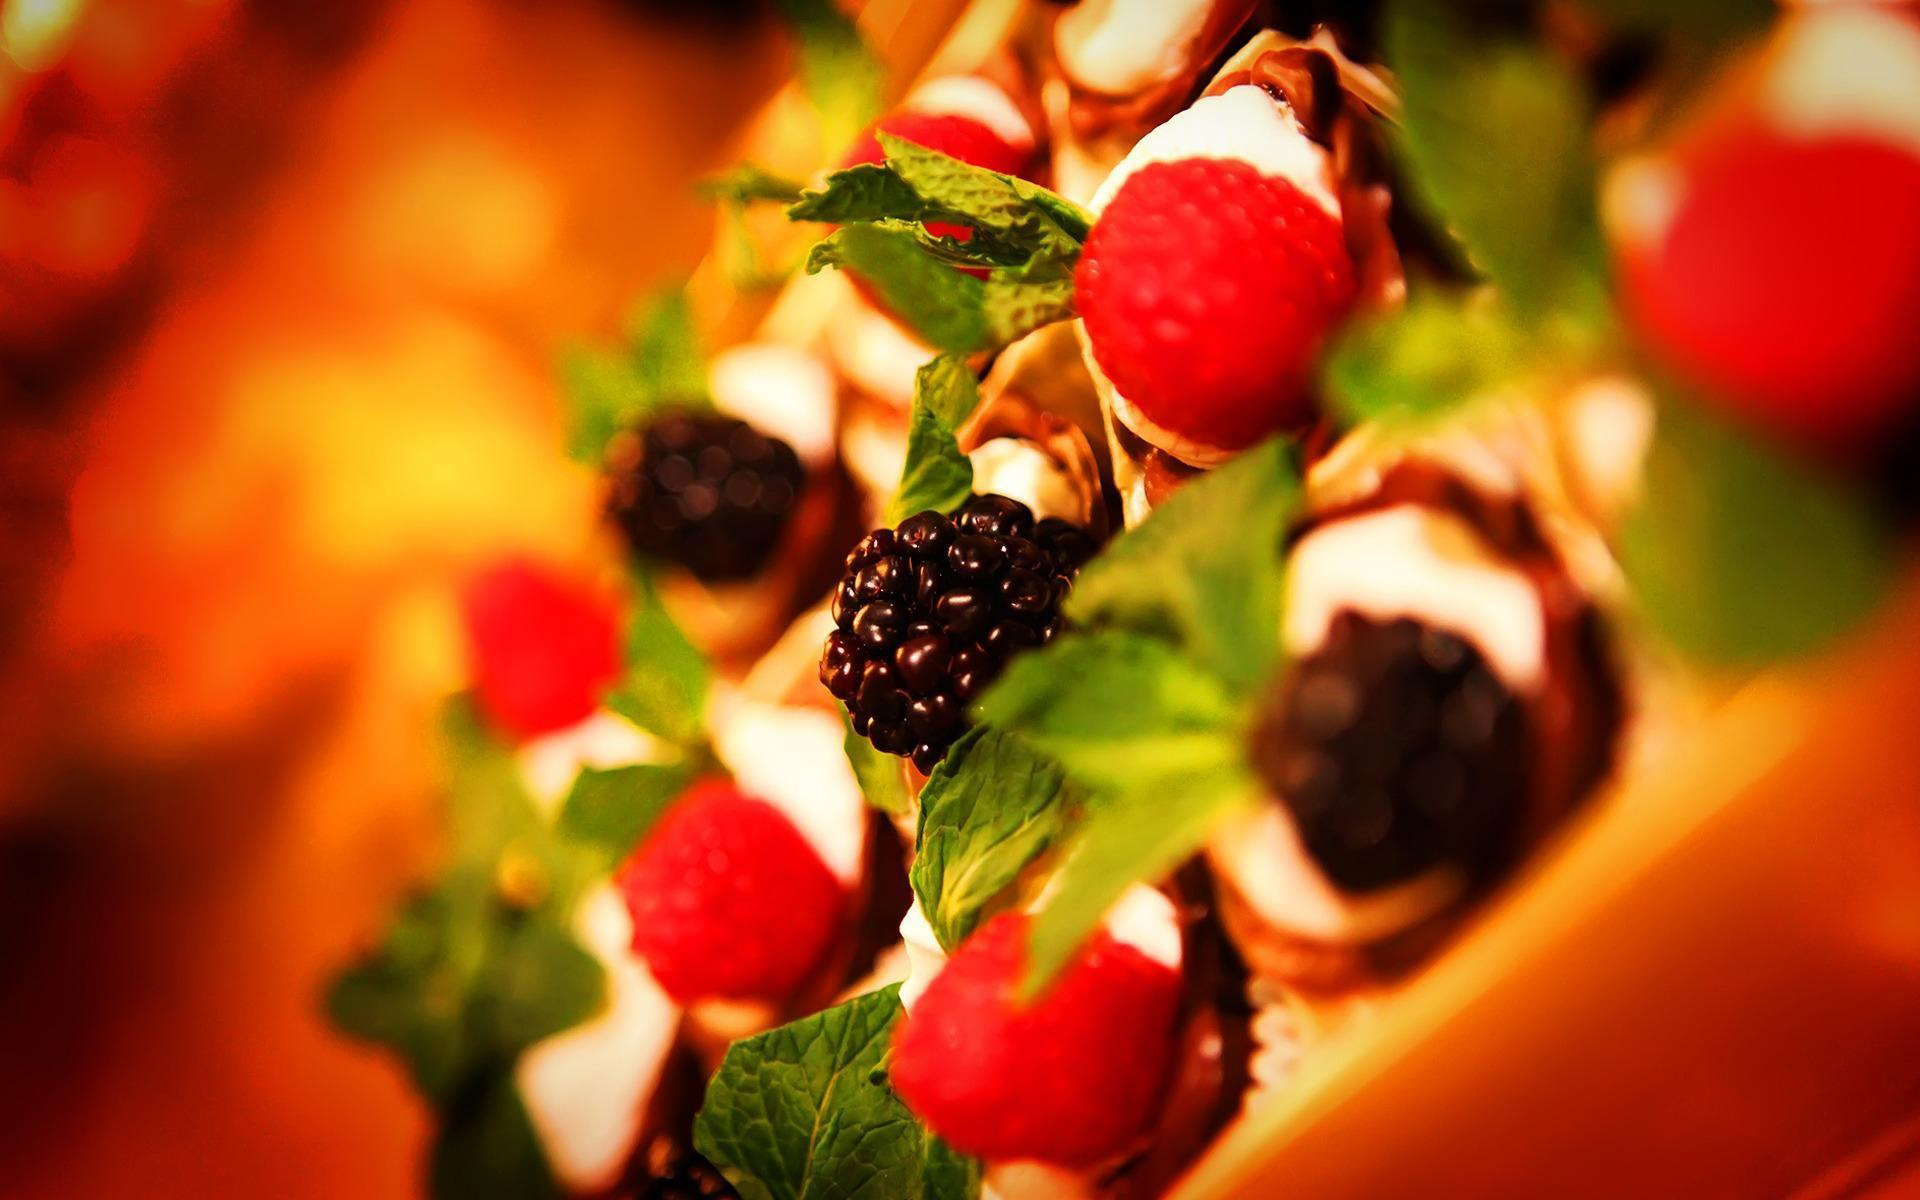 еда чай пирожные виноград  № 378019 бесплатно